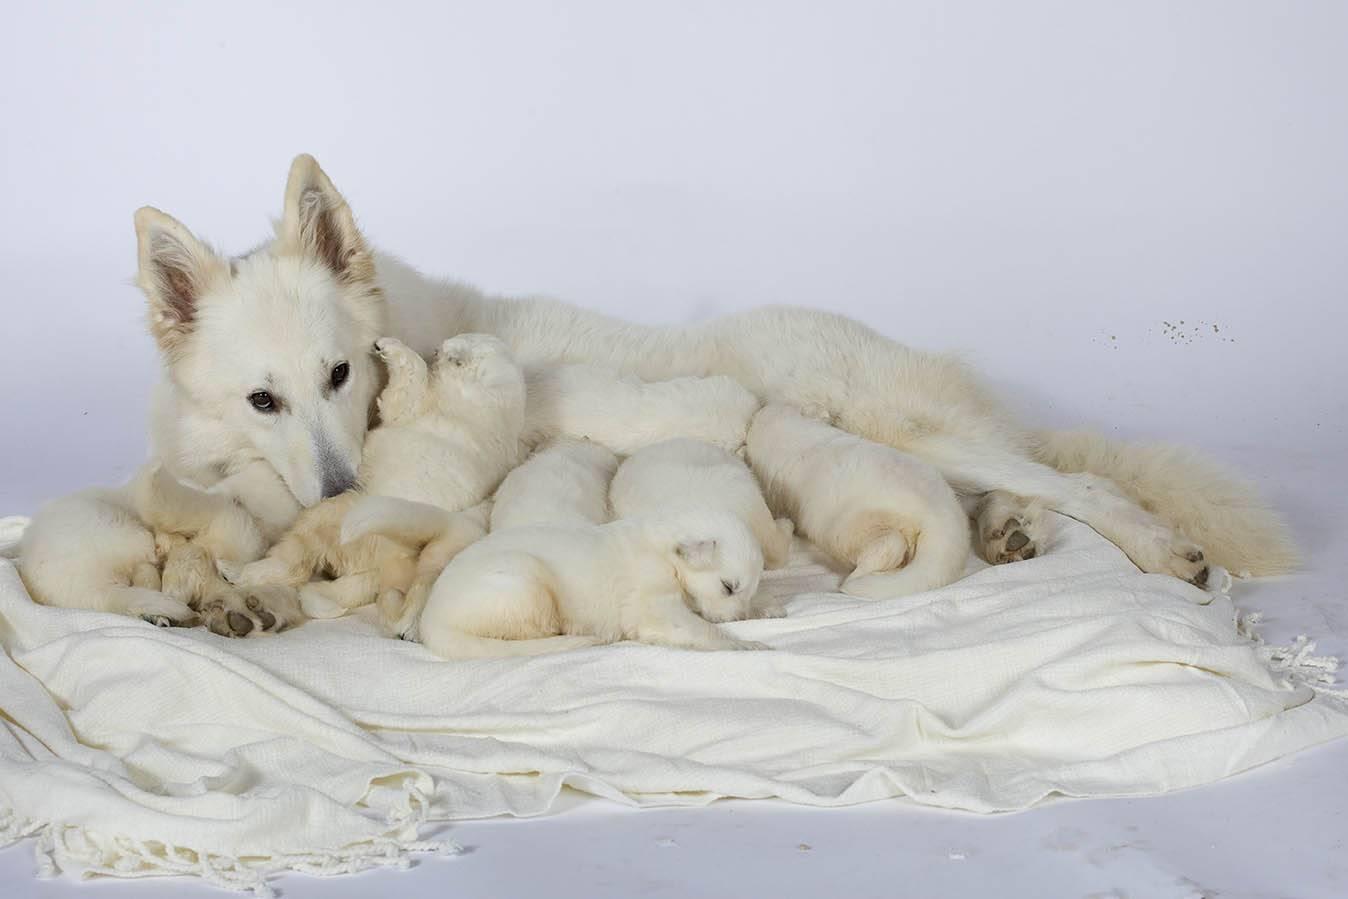 https://www.wikichien.fr/wp-content/uploads/sites/4/la-lactation-de-la-chienne.jpg